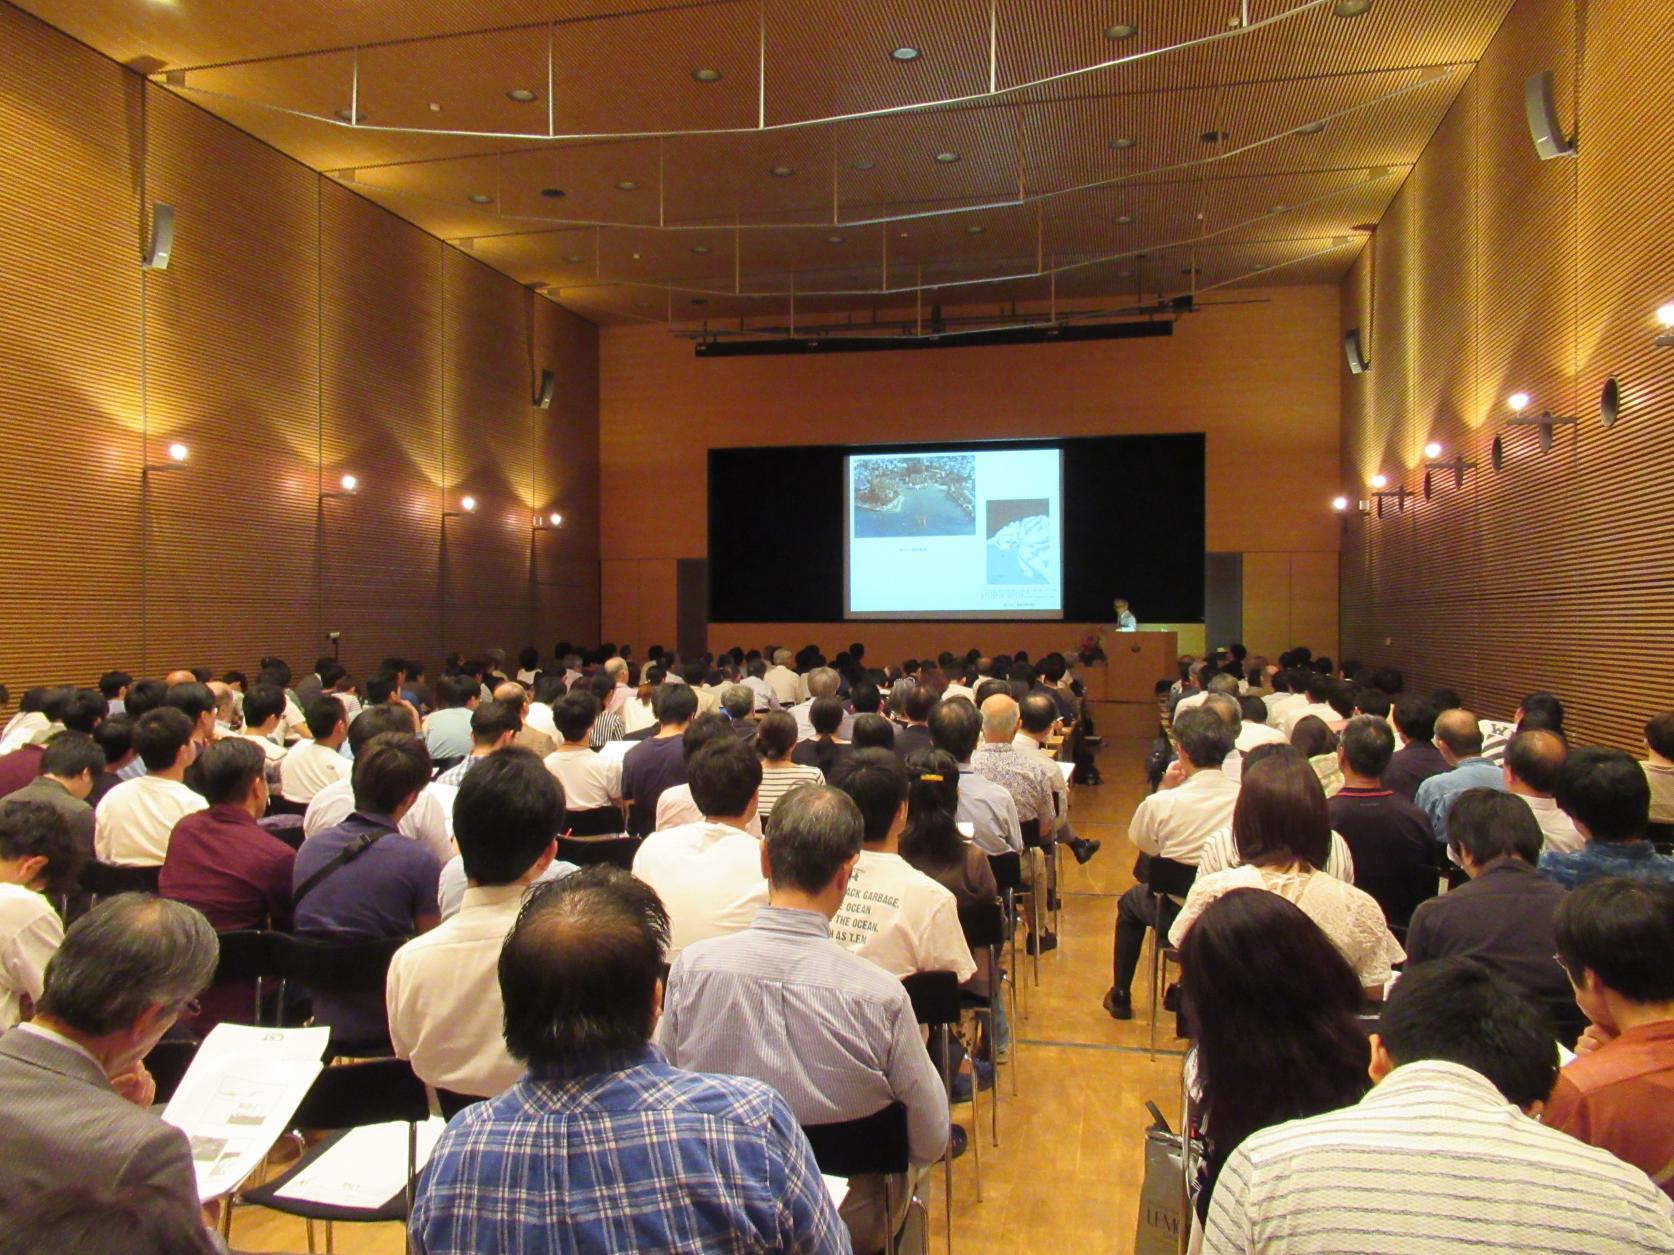 第33回日本大学理工学部図書館公開講座が終了しました